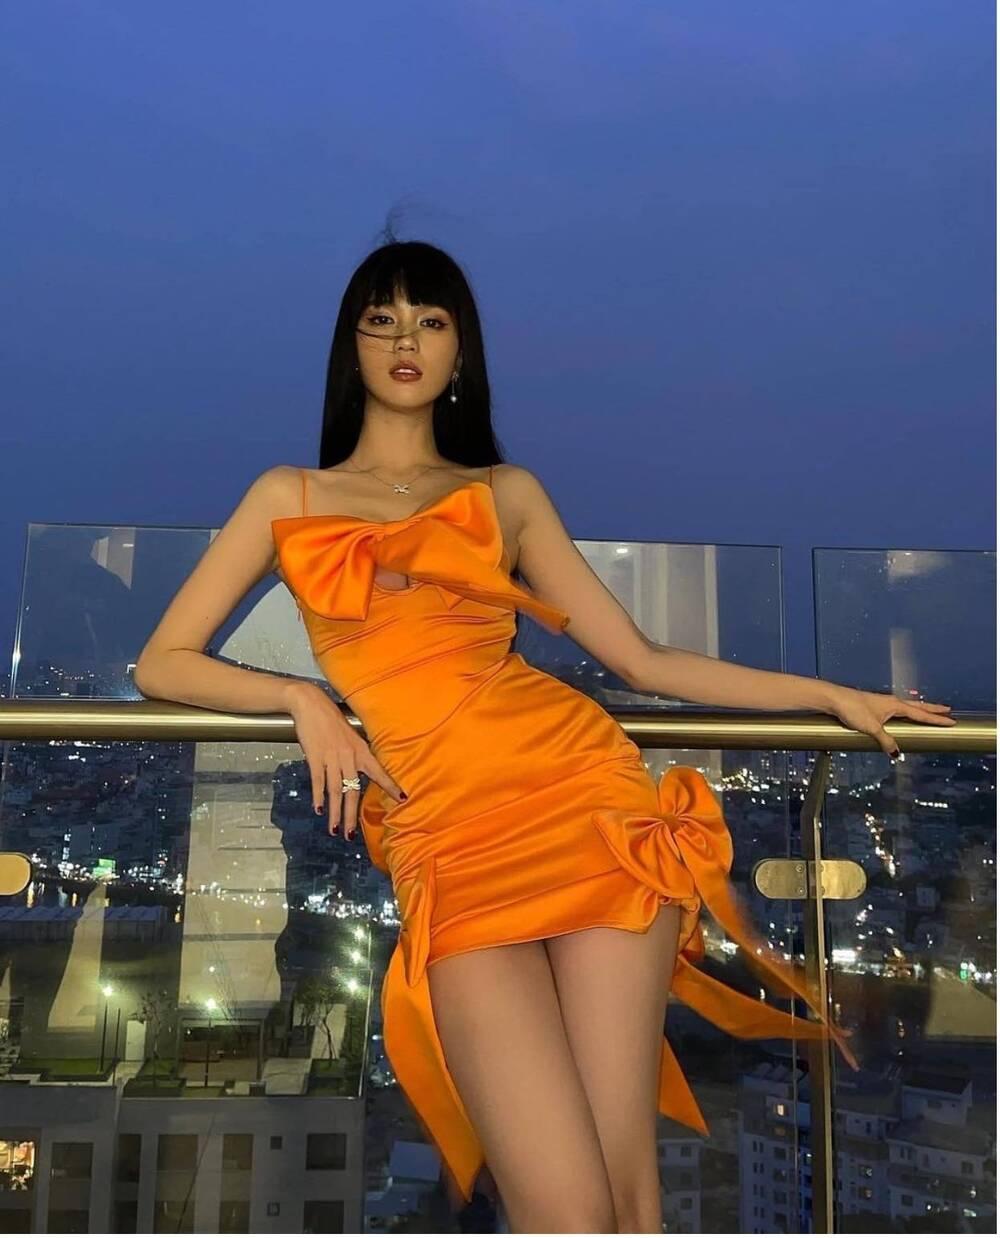 """Ngọc Trinh khiến dân tình xôn xao với tạo hình """"lạ"""", """"xúng xính"""" váy cam đi chơi Valentine - Ảnh 1"""